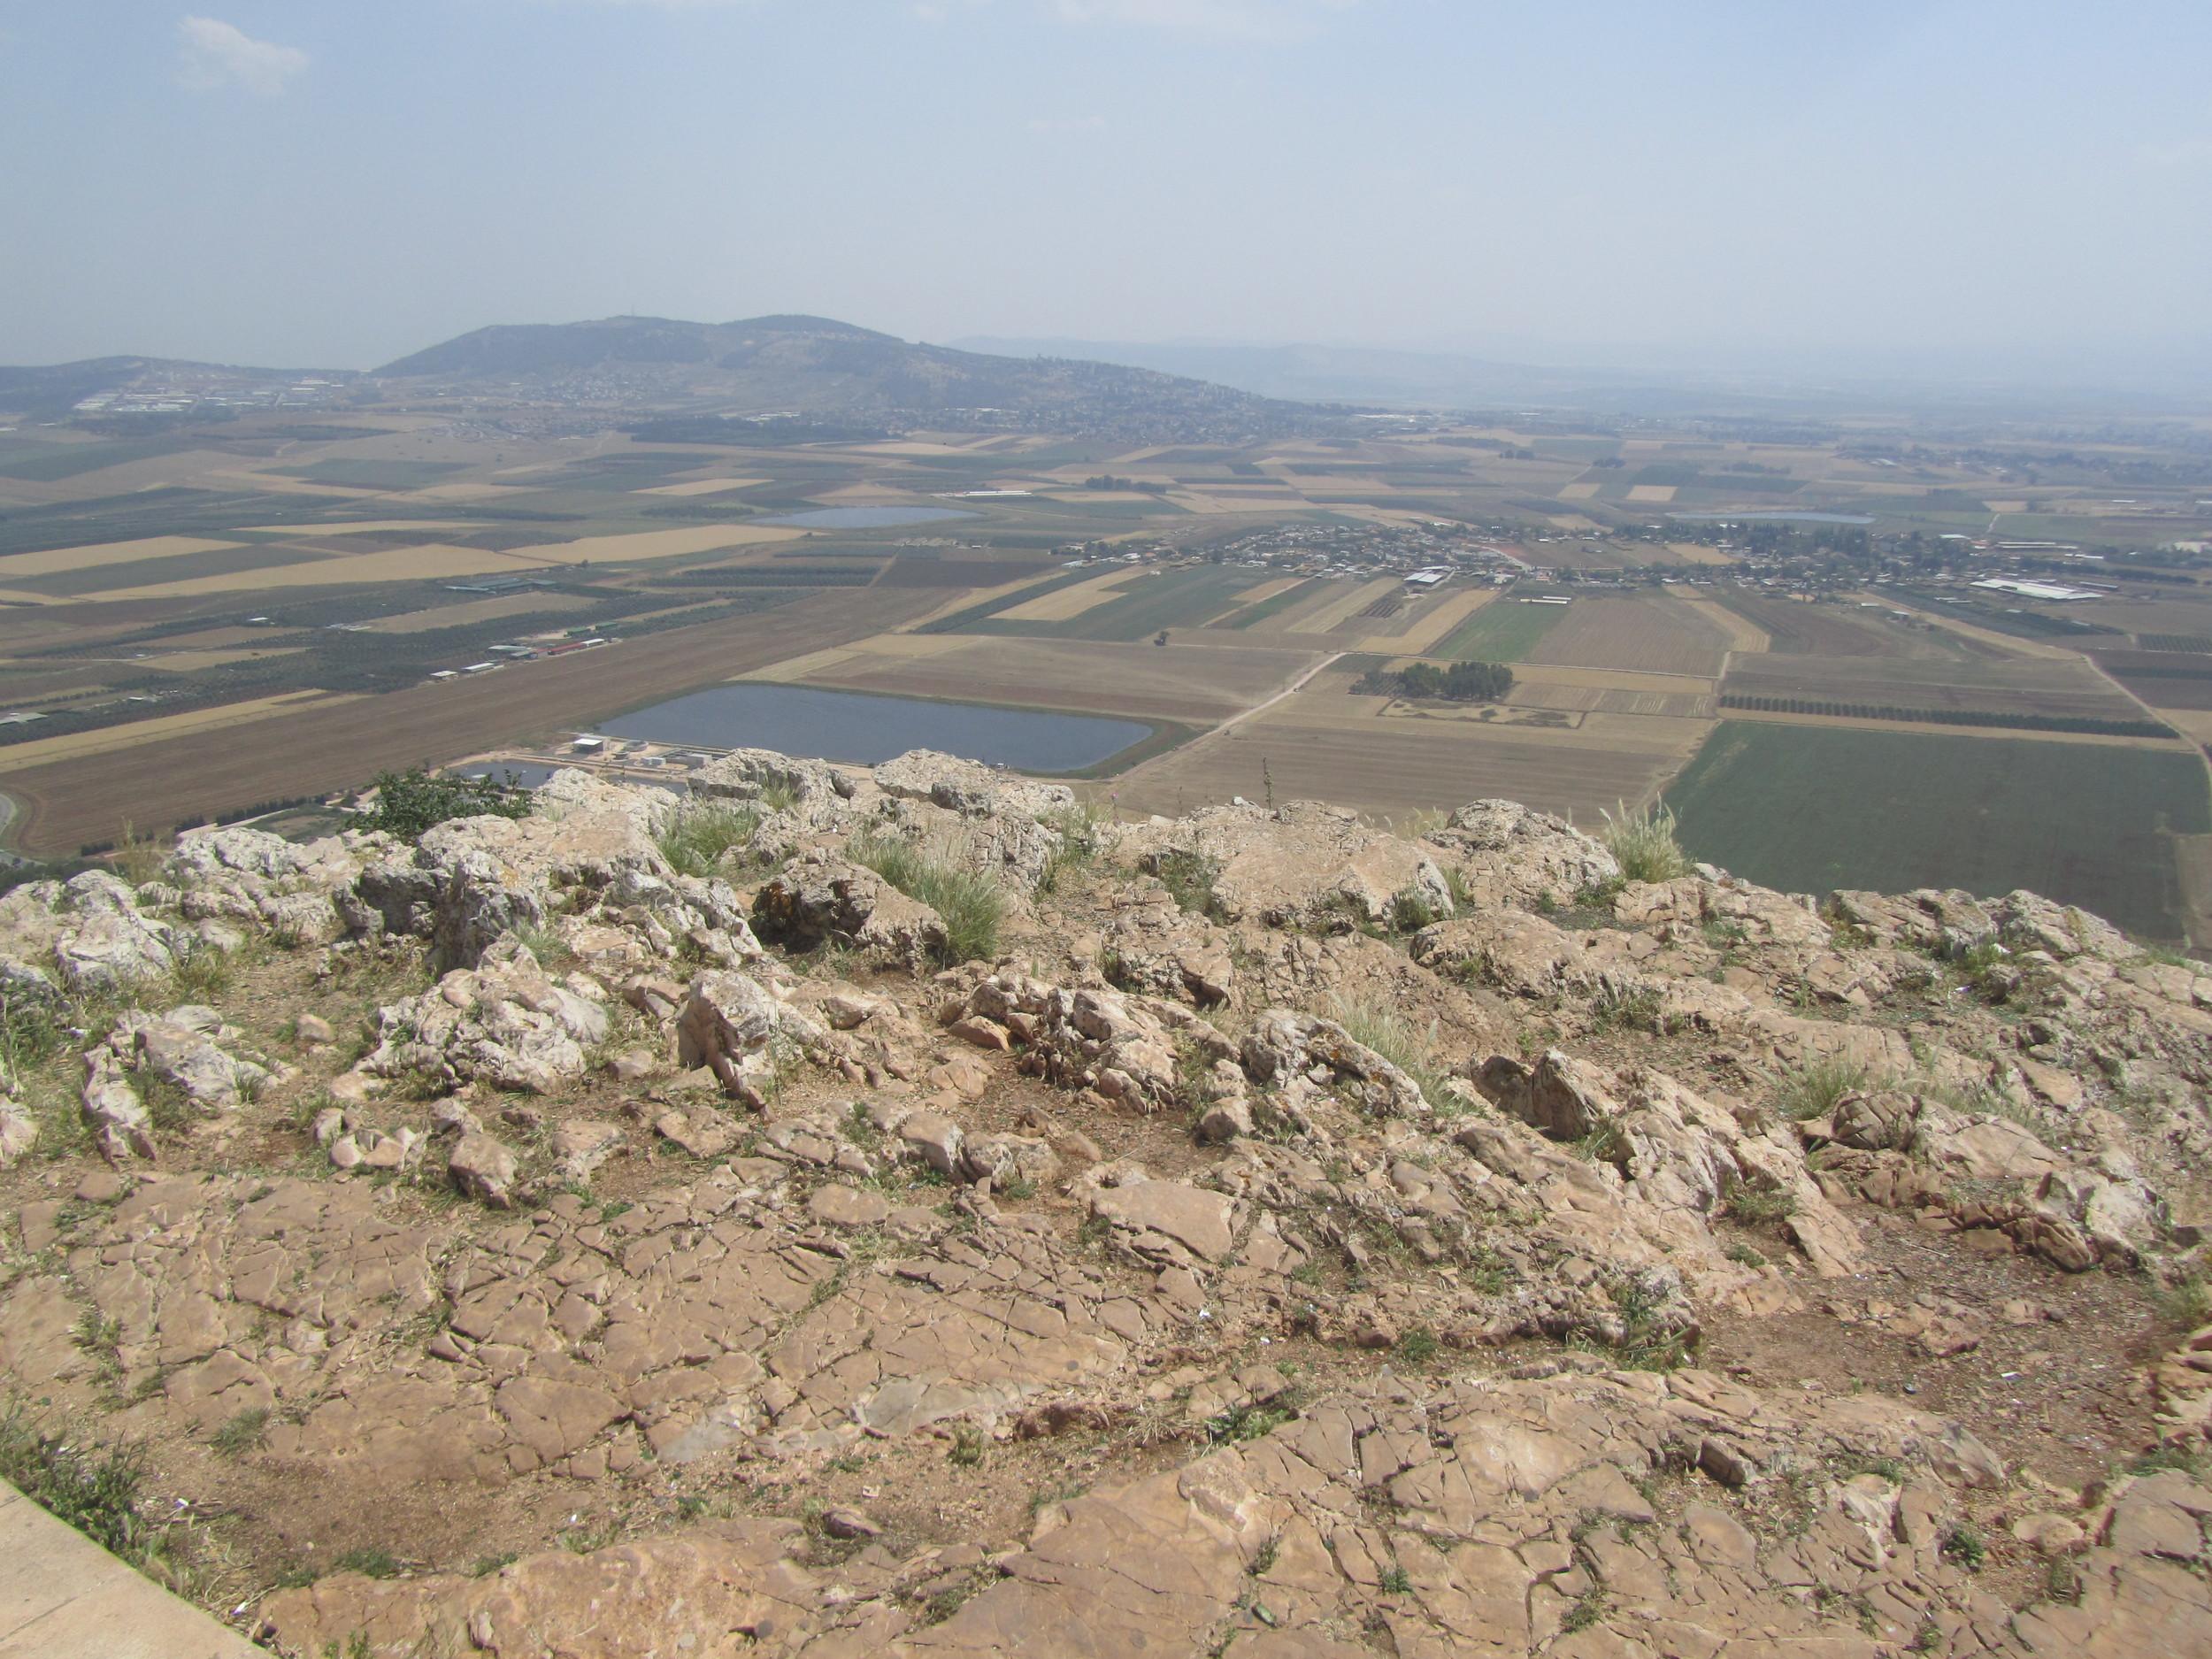 The Mountain of Precipice in Nazareth